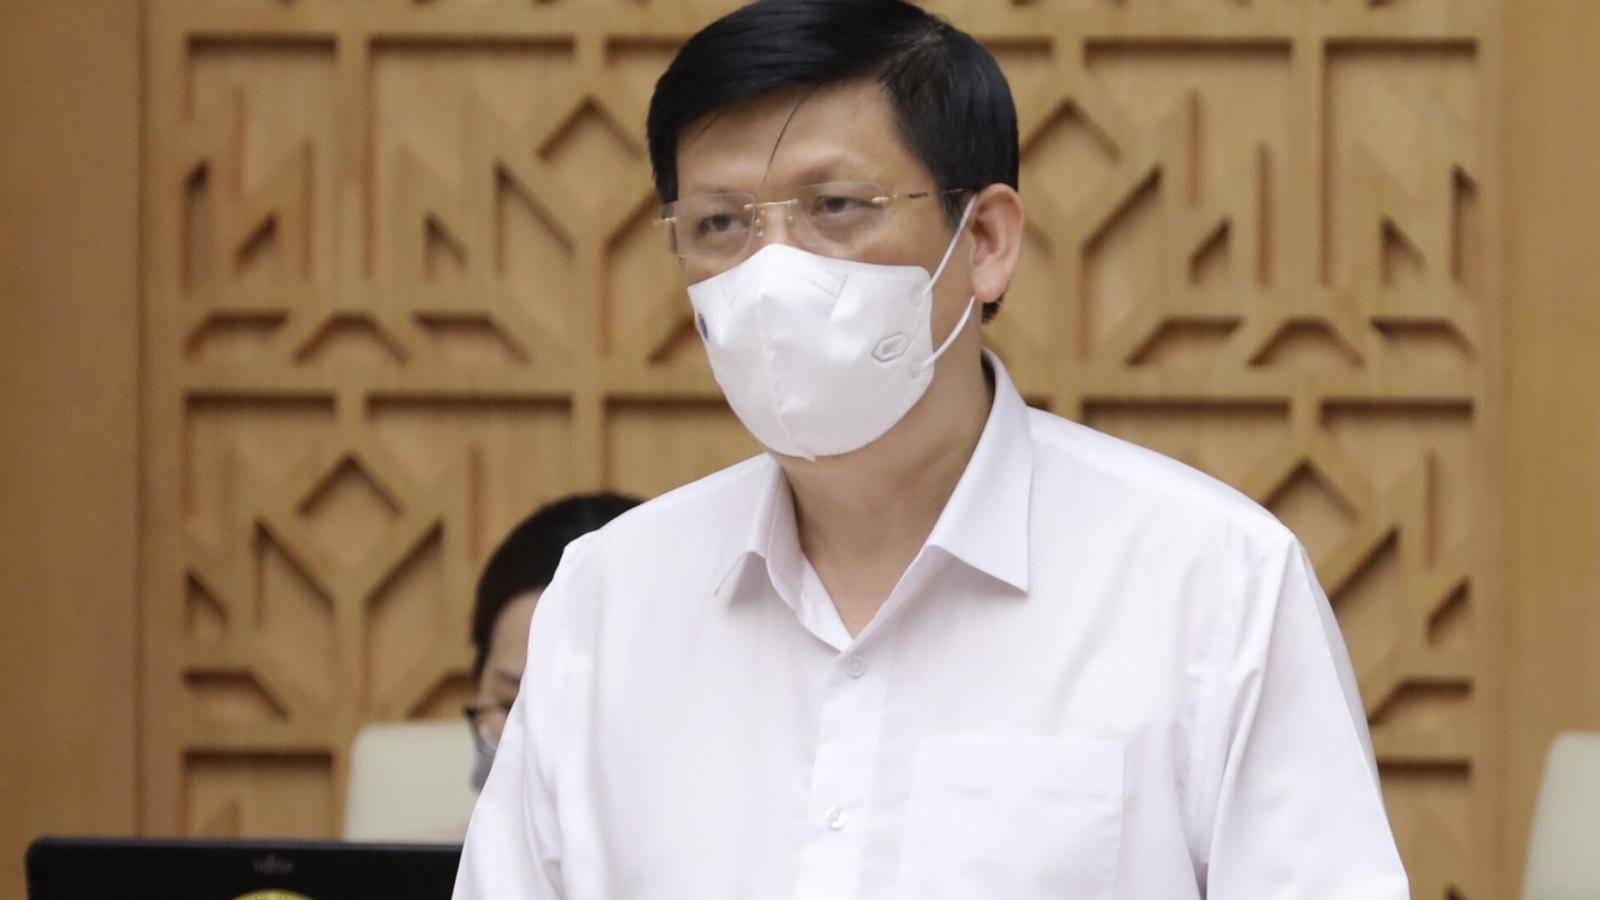 Bộ trưởng Bộ Y tế: Nhiều bài học rút ra từ ổ dịch ở Bệnh viện Bệnh Nhiệt đới T.Ư